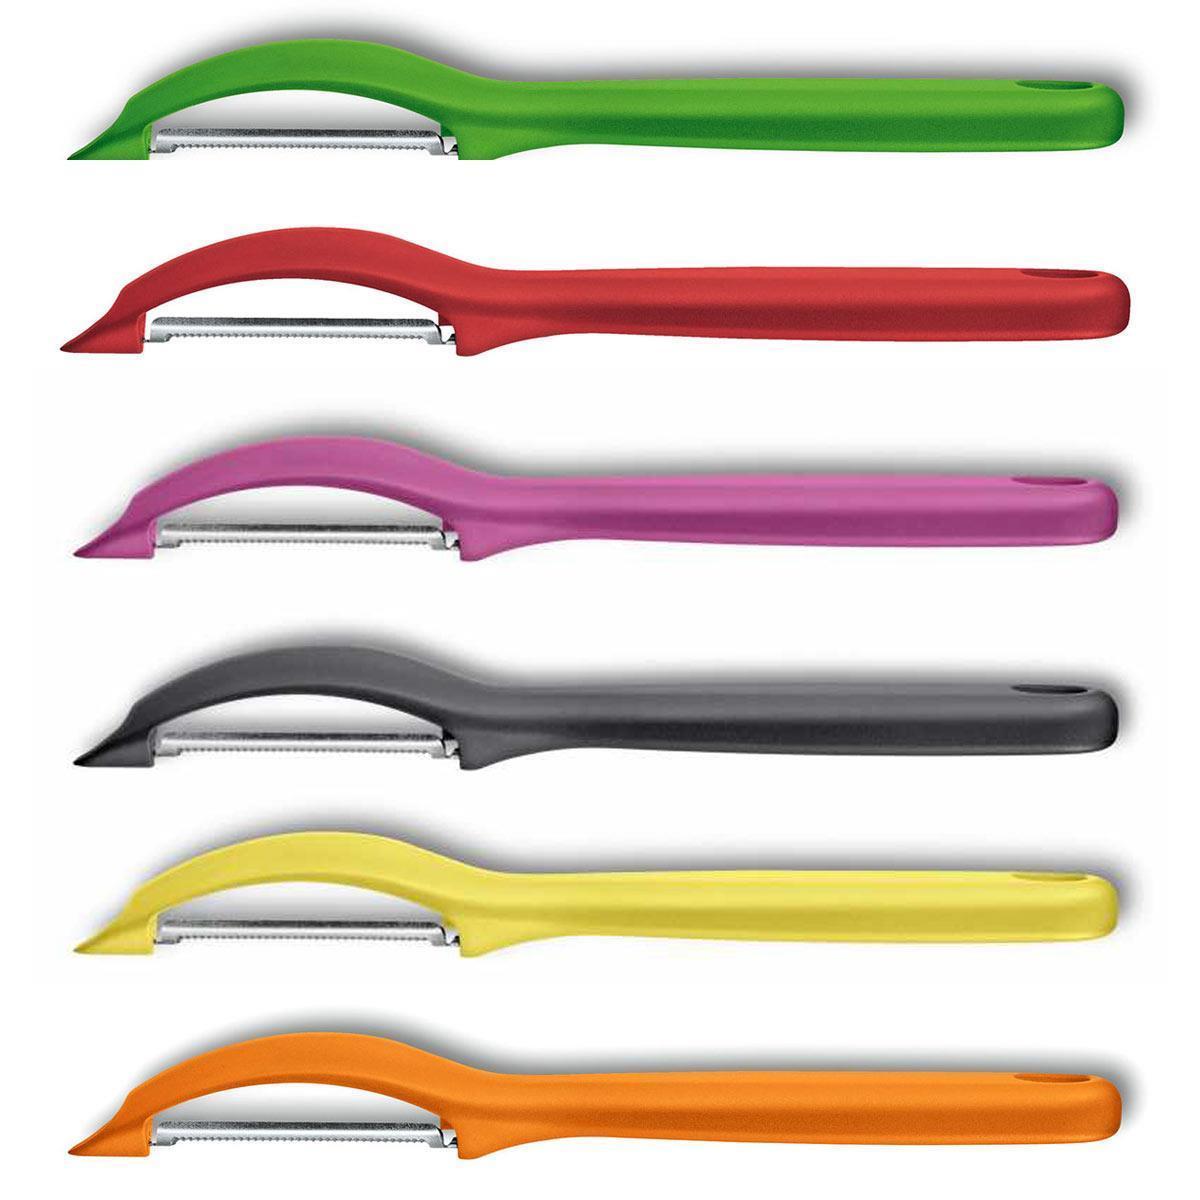 Швейцарская овощечистка Victorinox Universal Peeler 7.6075 | выбери свой цвет в интернет-магазине Wenger-Victorinox.Ru